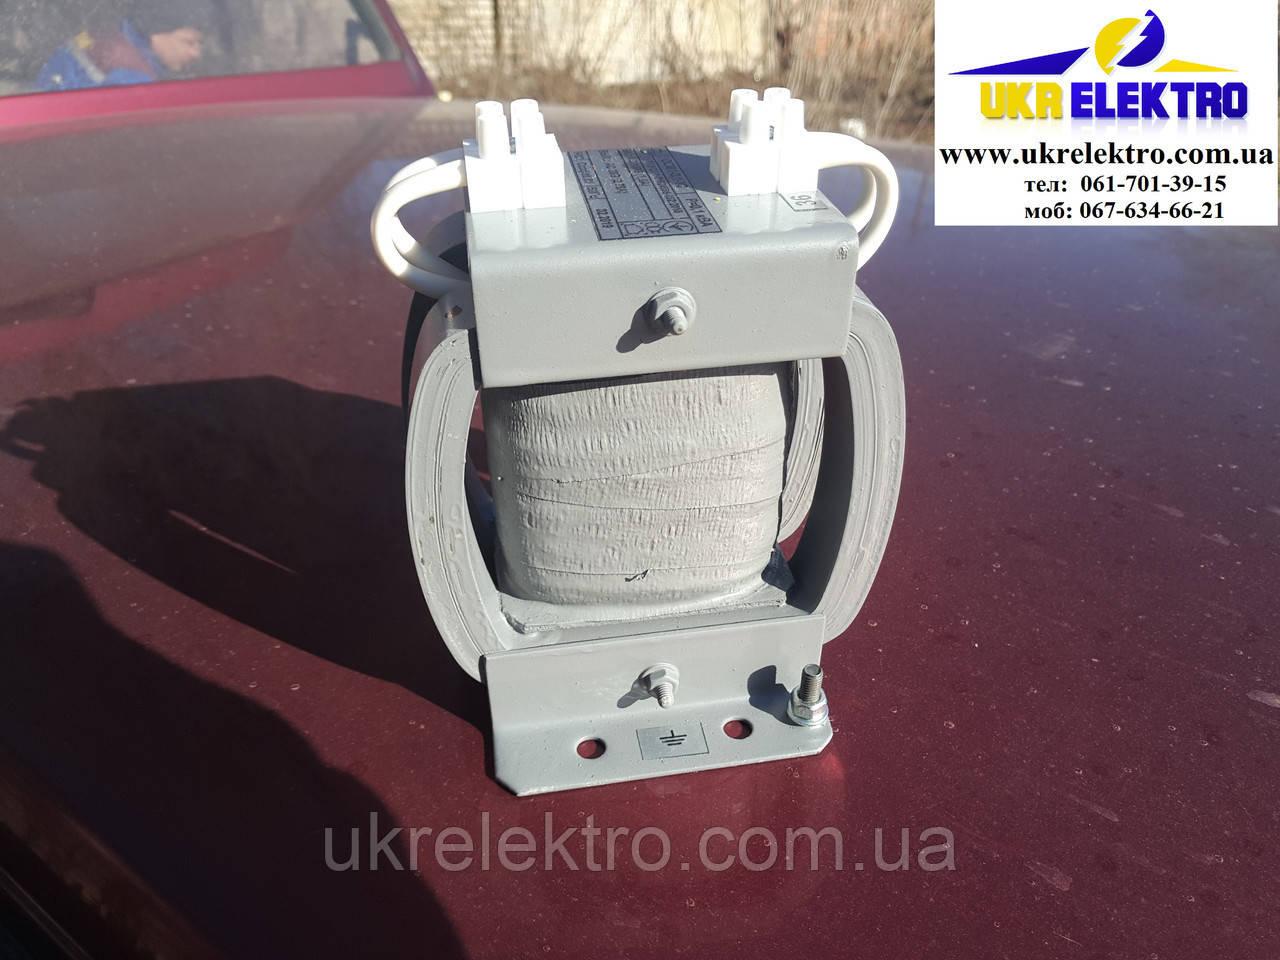 Трансформатор ОСМ-1 1,0